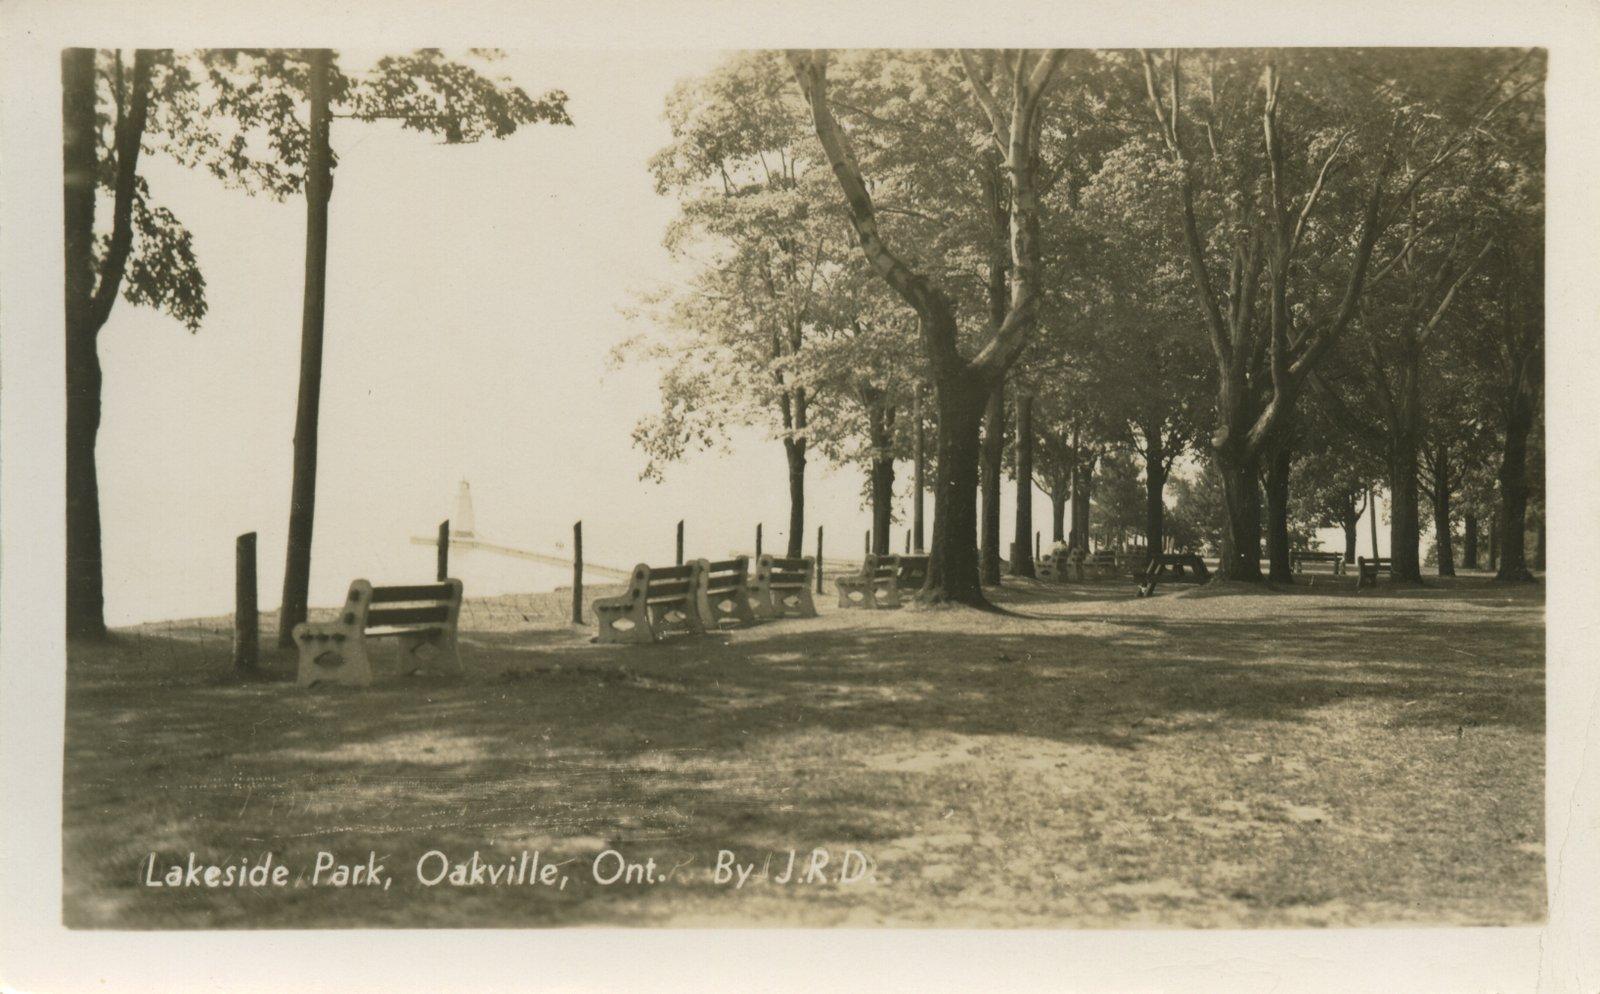 Lakeside park, Oakville, Ont. by J.R.D.